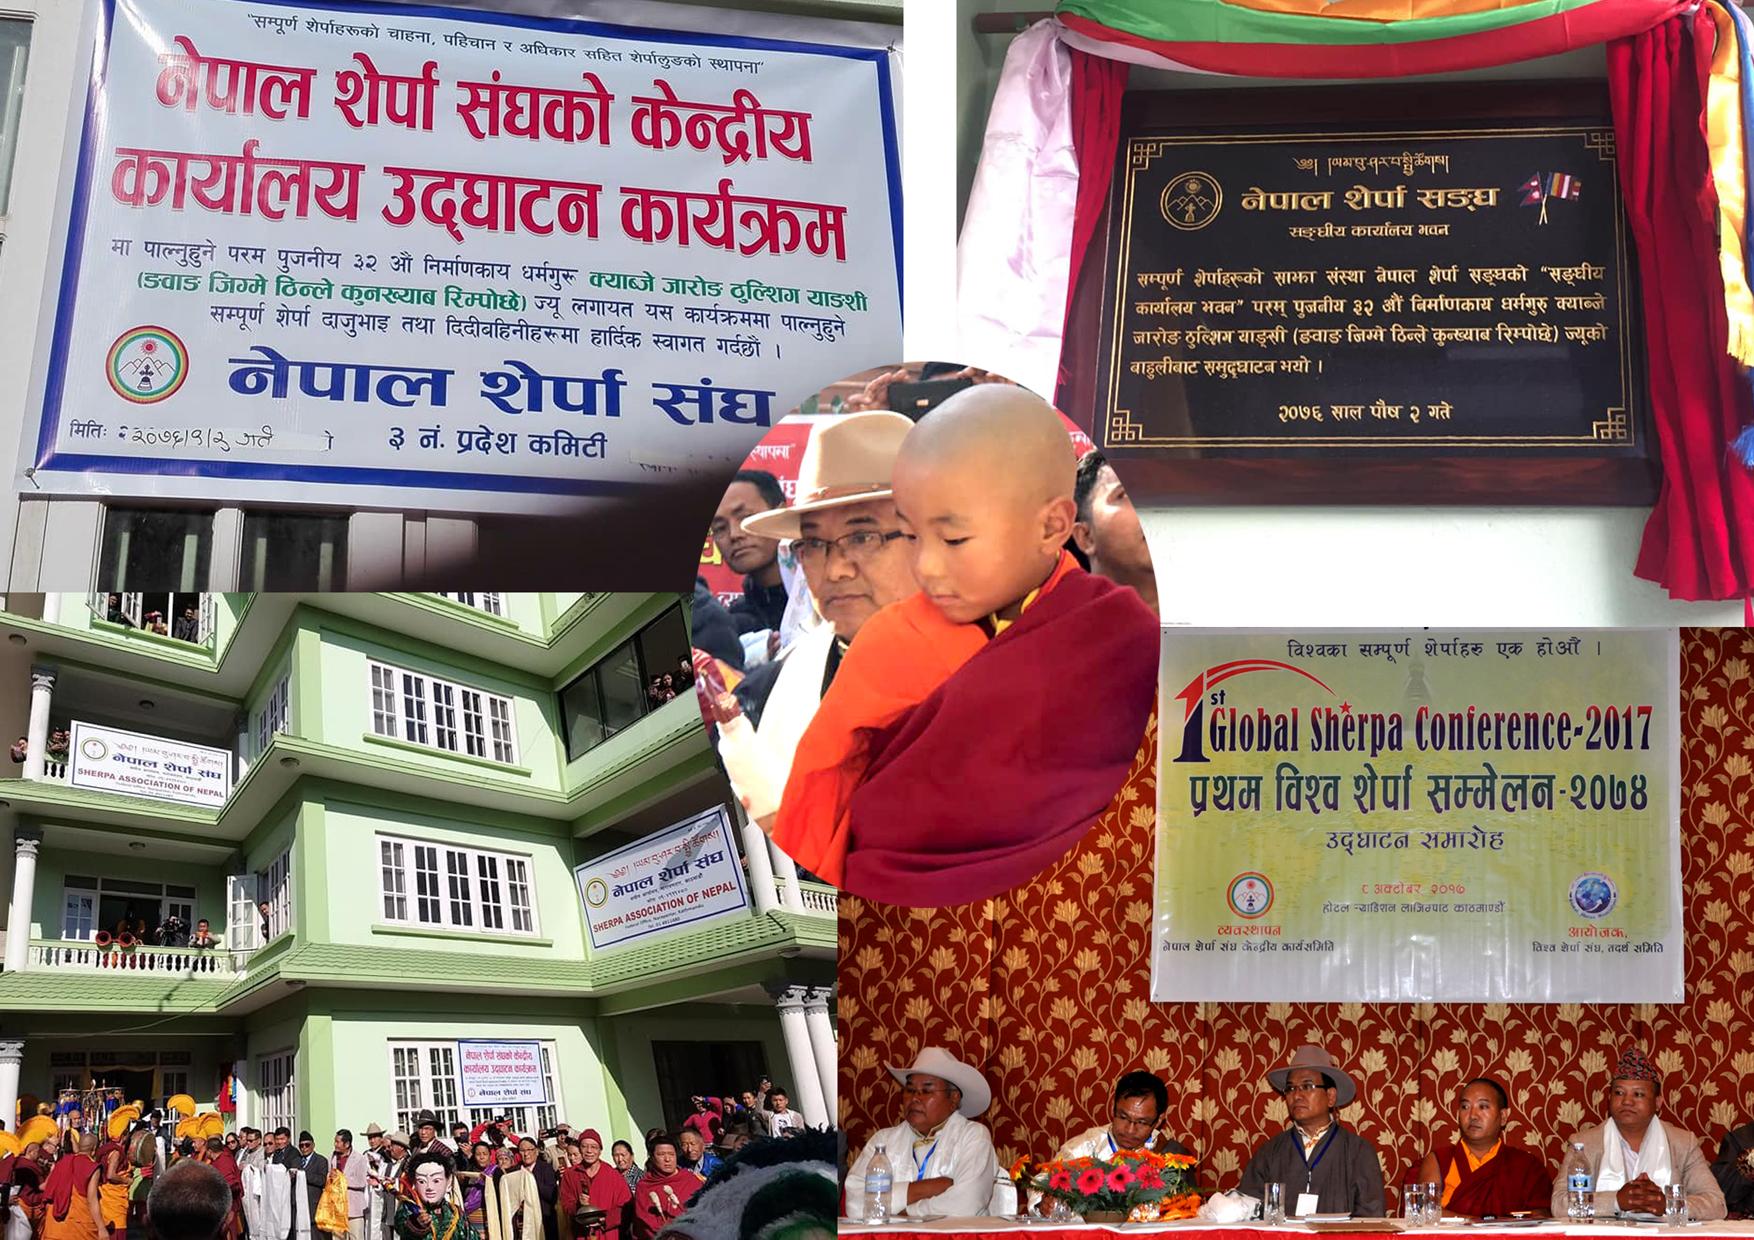 नेपाल शेर्पा संघमा ए.डी. लामा शेर्पाको स्वर्णकाल